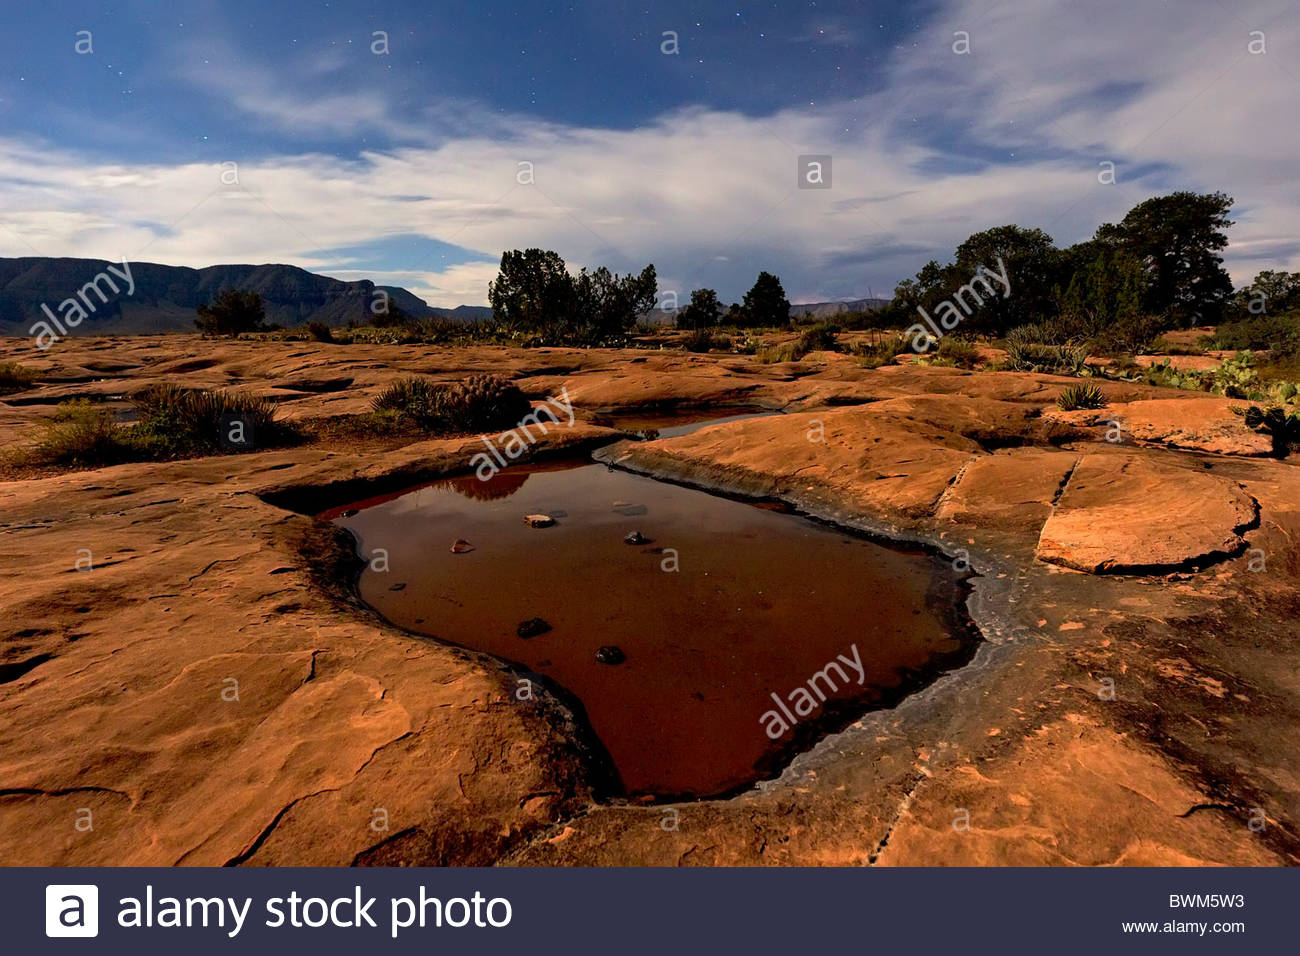 Regenwasser sammelt sich in mehrere Schlaglöcher in der harten, Sandstein Wüstenlandschaft Tuweep, Arizona. Stockbild